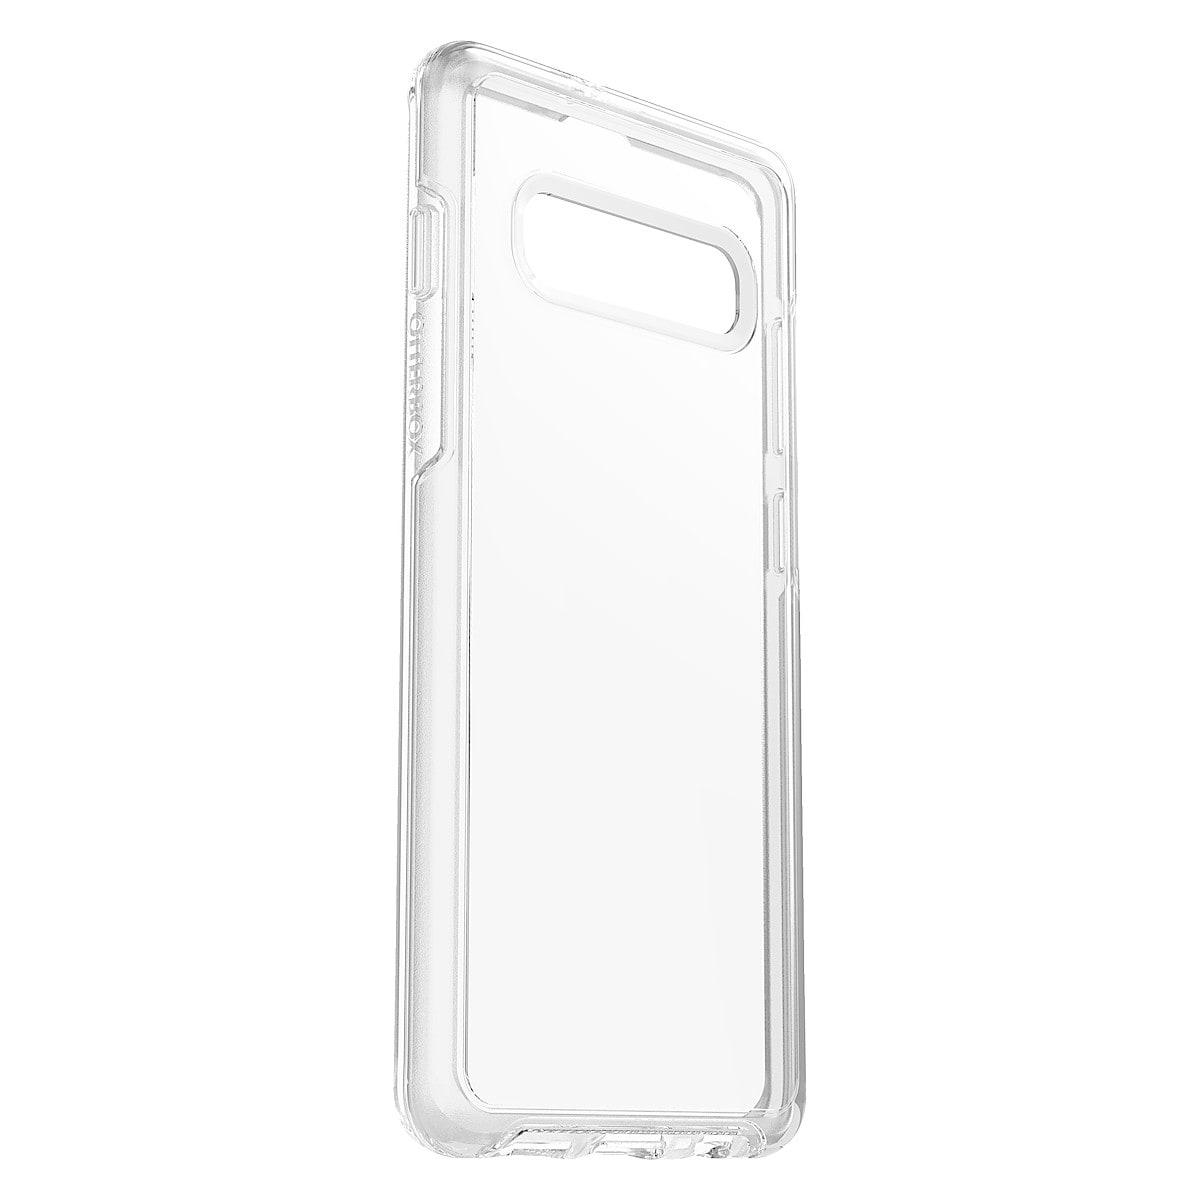 Suojakuori Samsung Galaxy S10+, Otterbox Symmetry Clear